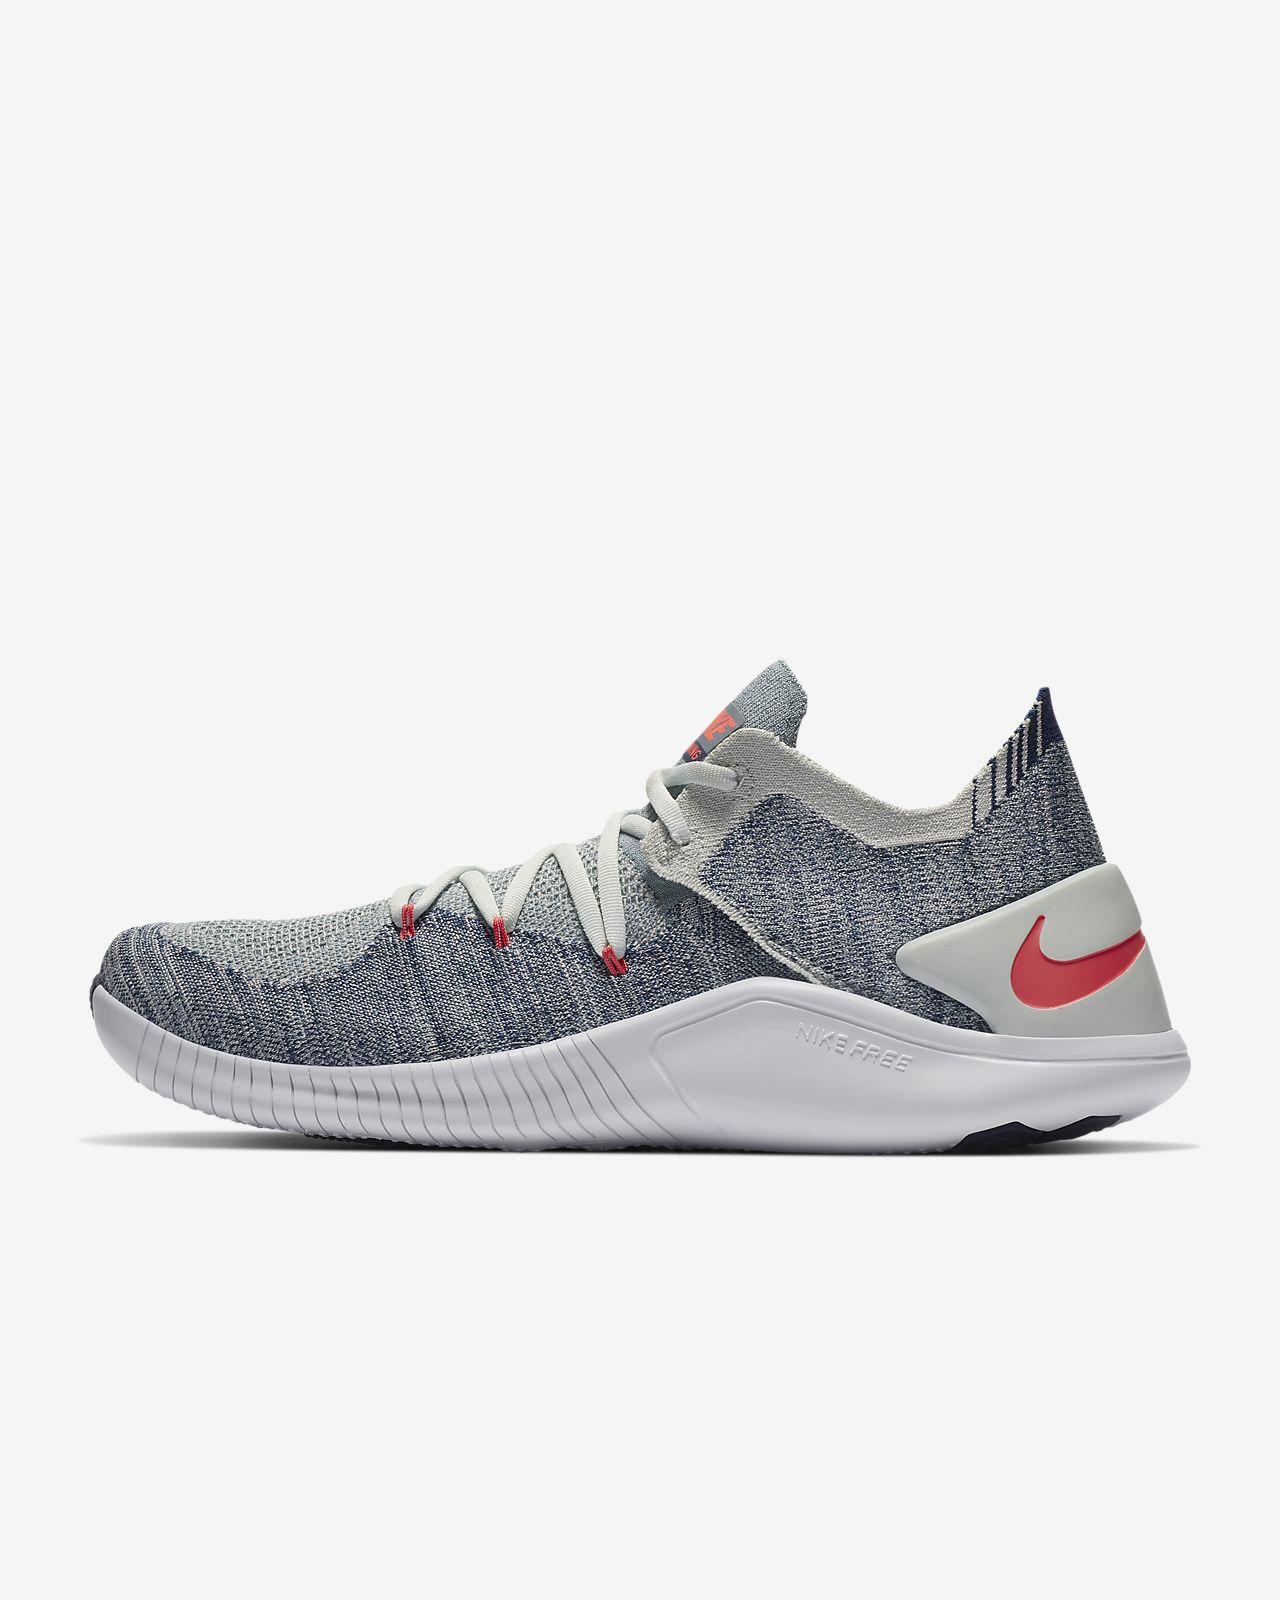 Calzado para mujer Nike Free TR Flyknit 3 para entrenamiento en el gimnasio, HIIT y cross-training